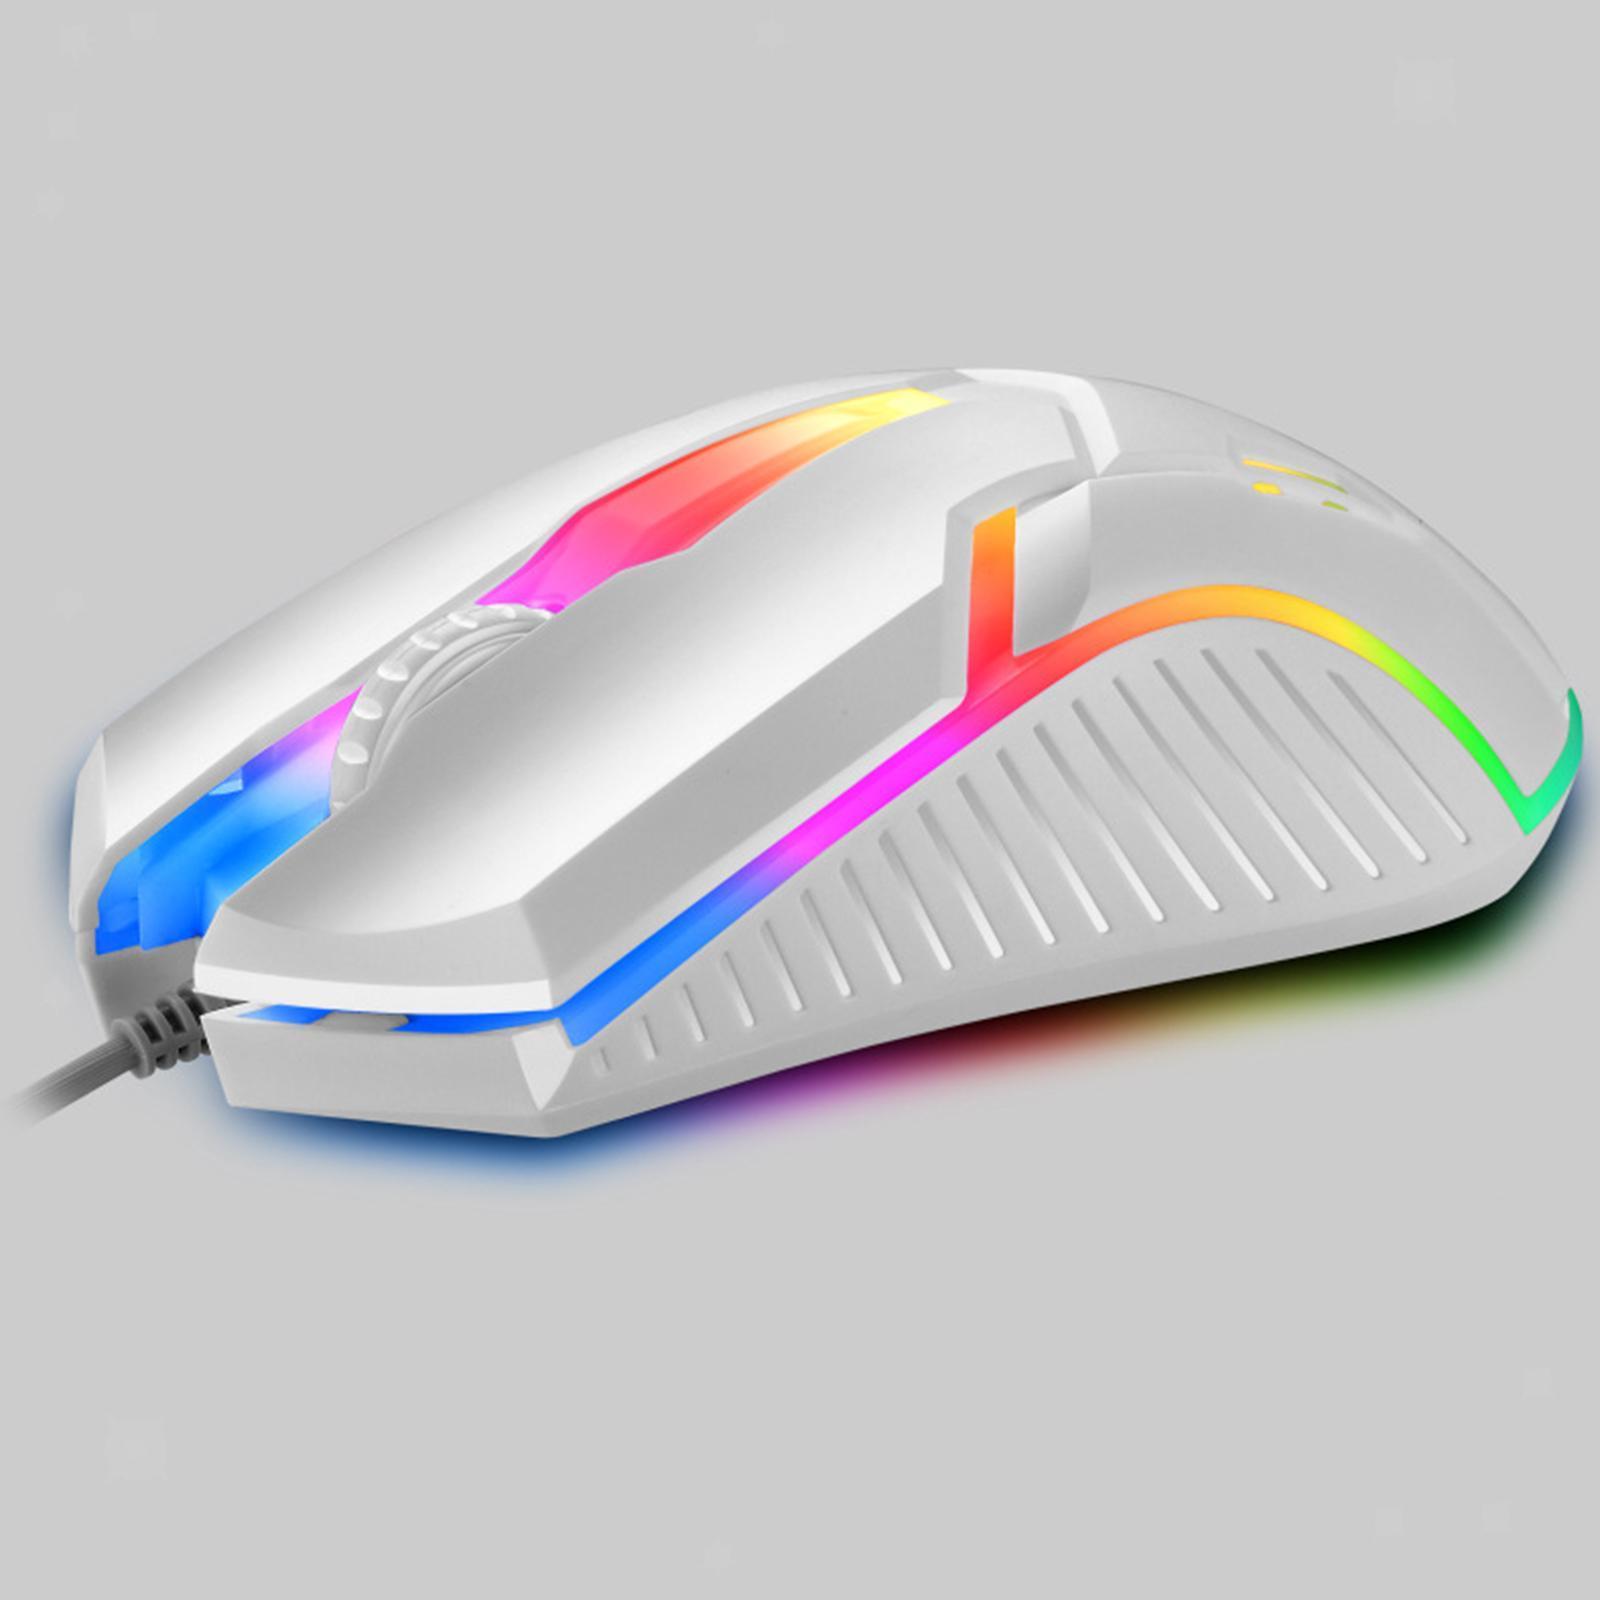 miniatura 4 - Mouse da gioco cablato luminoso USB E-Sports Mouse da gioco per PC 2400 DPI